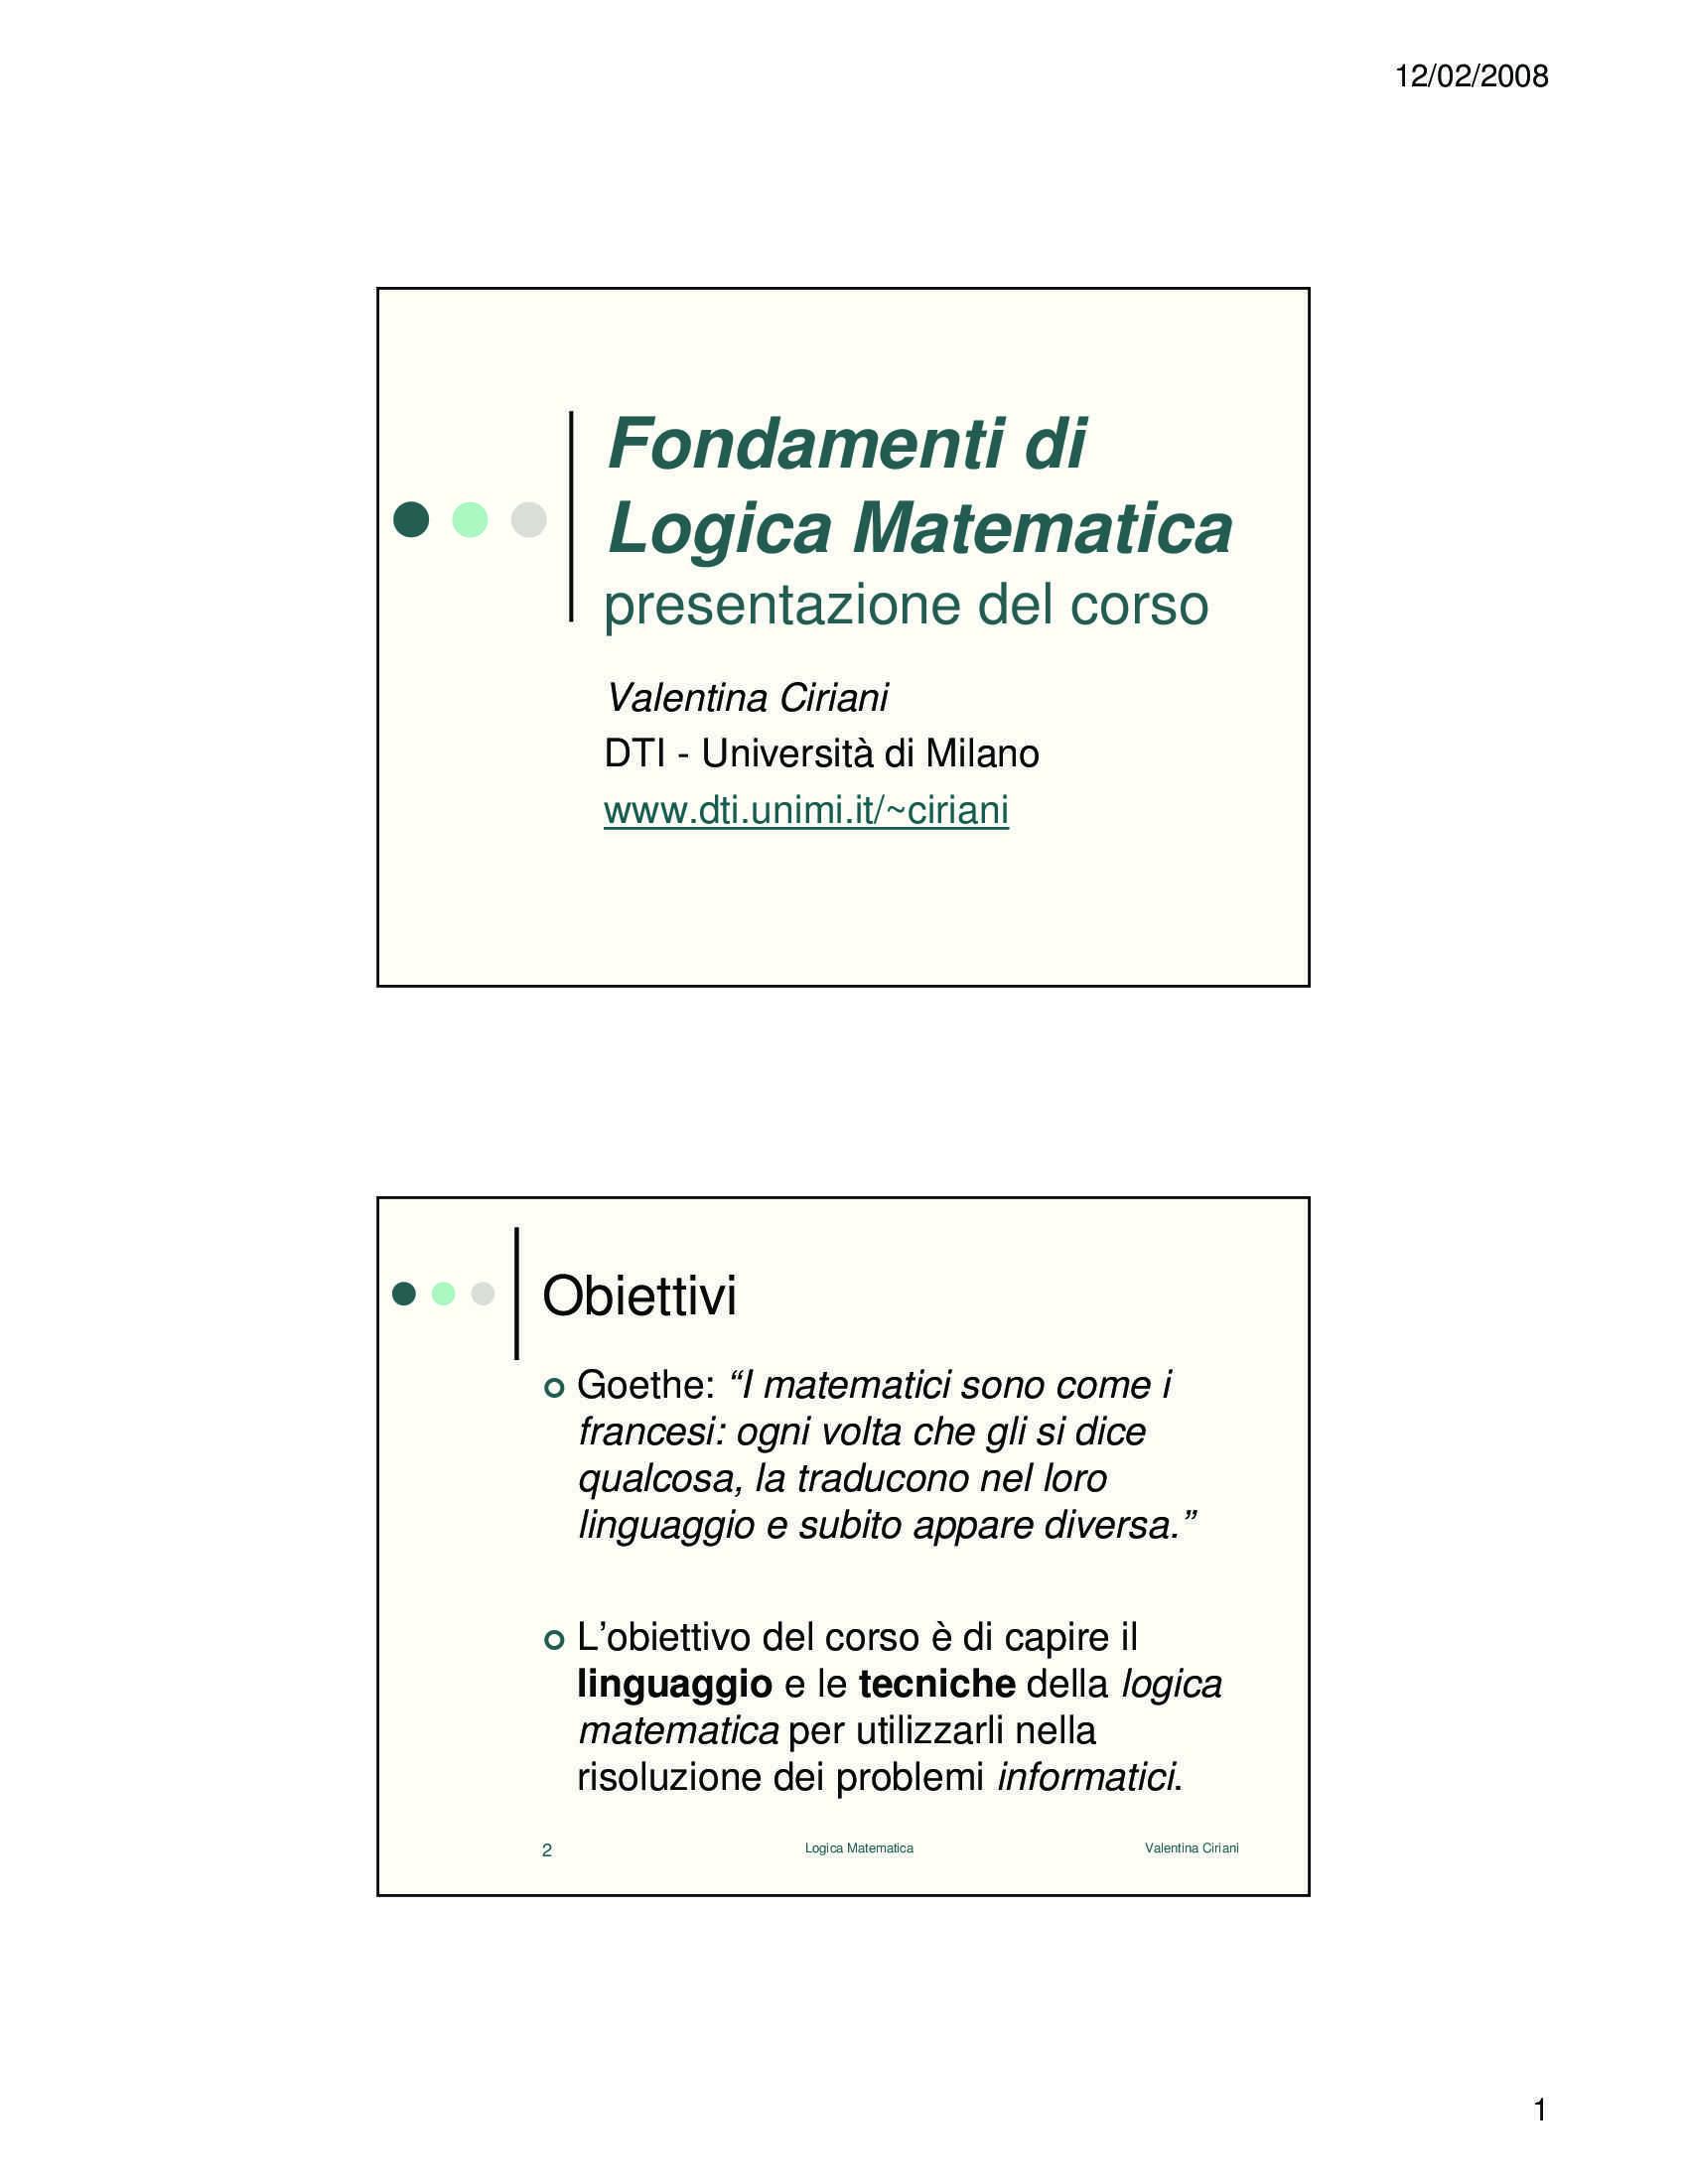 Logica matematica - Corso completo